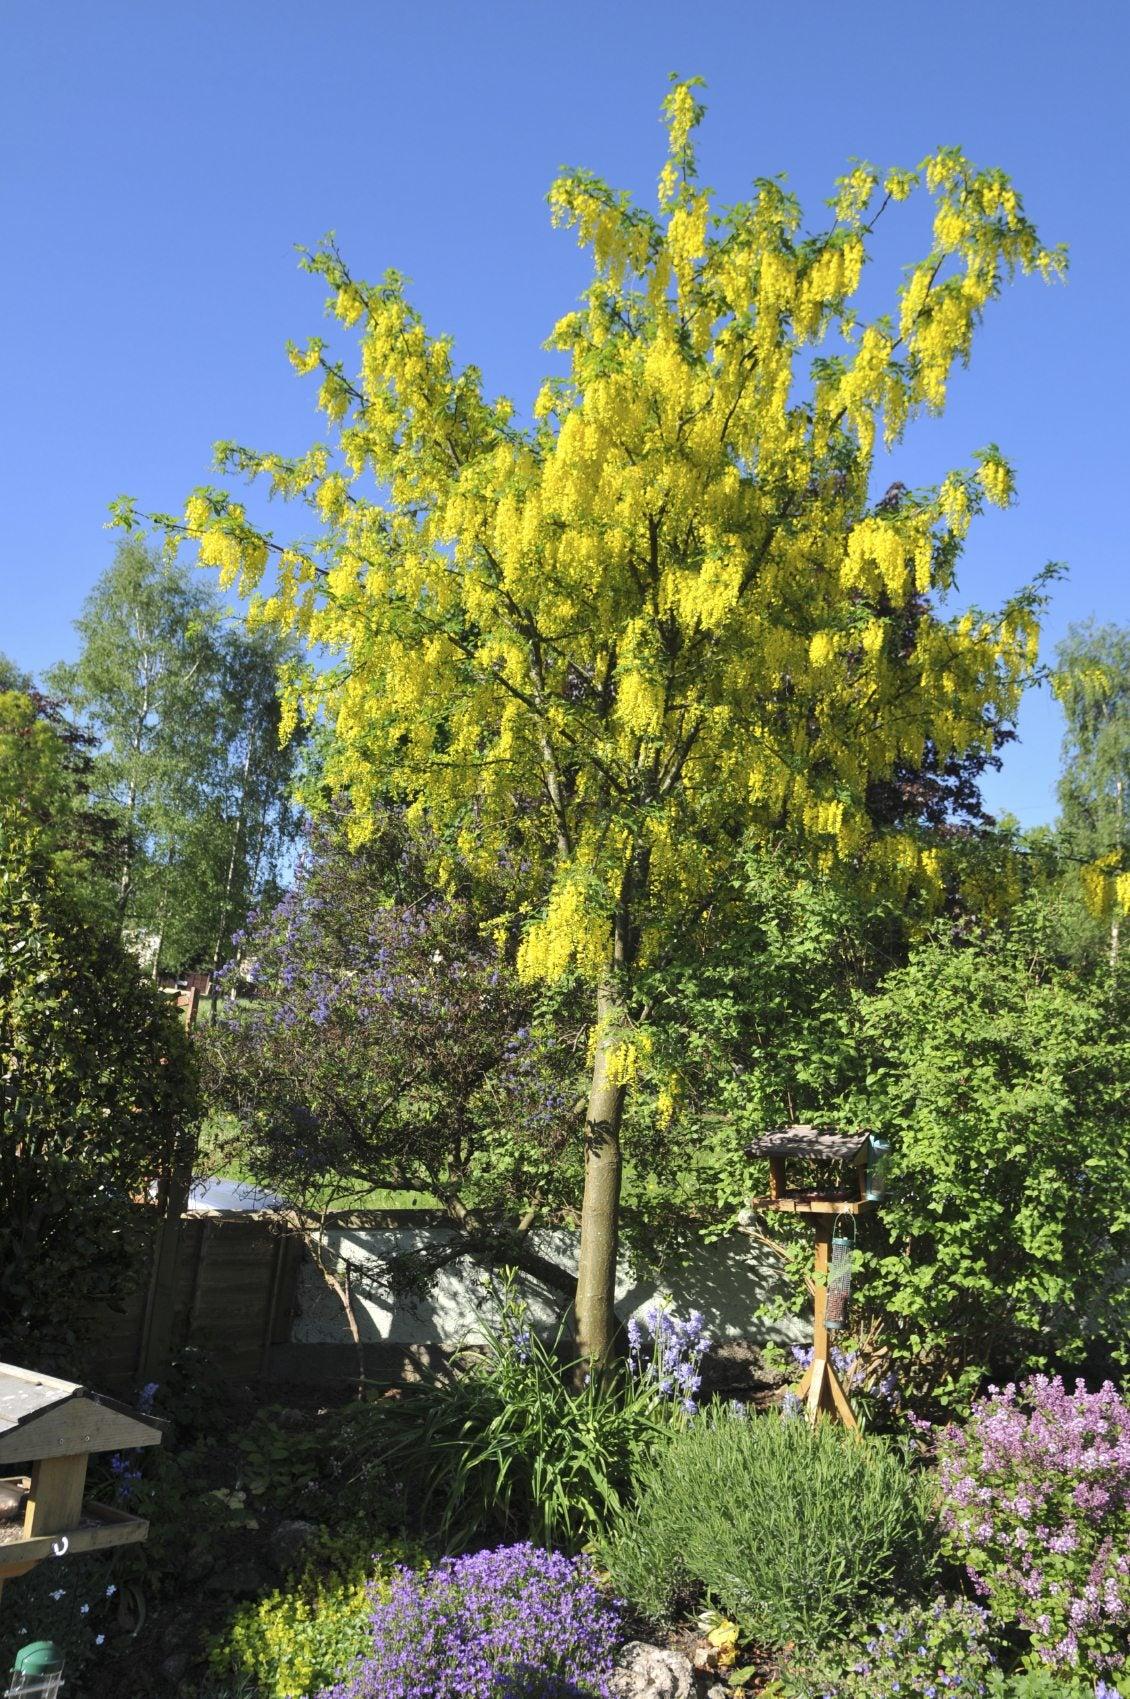 caring for laburnum trees